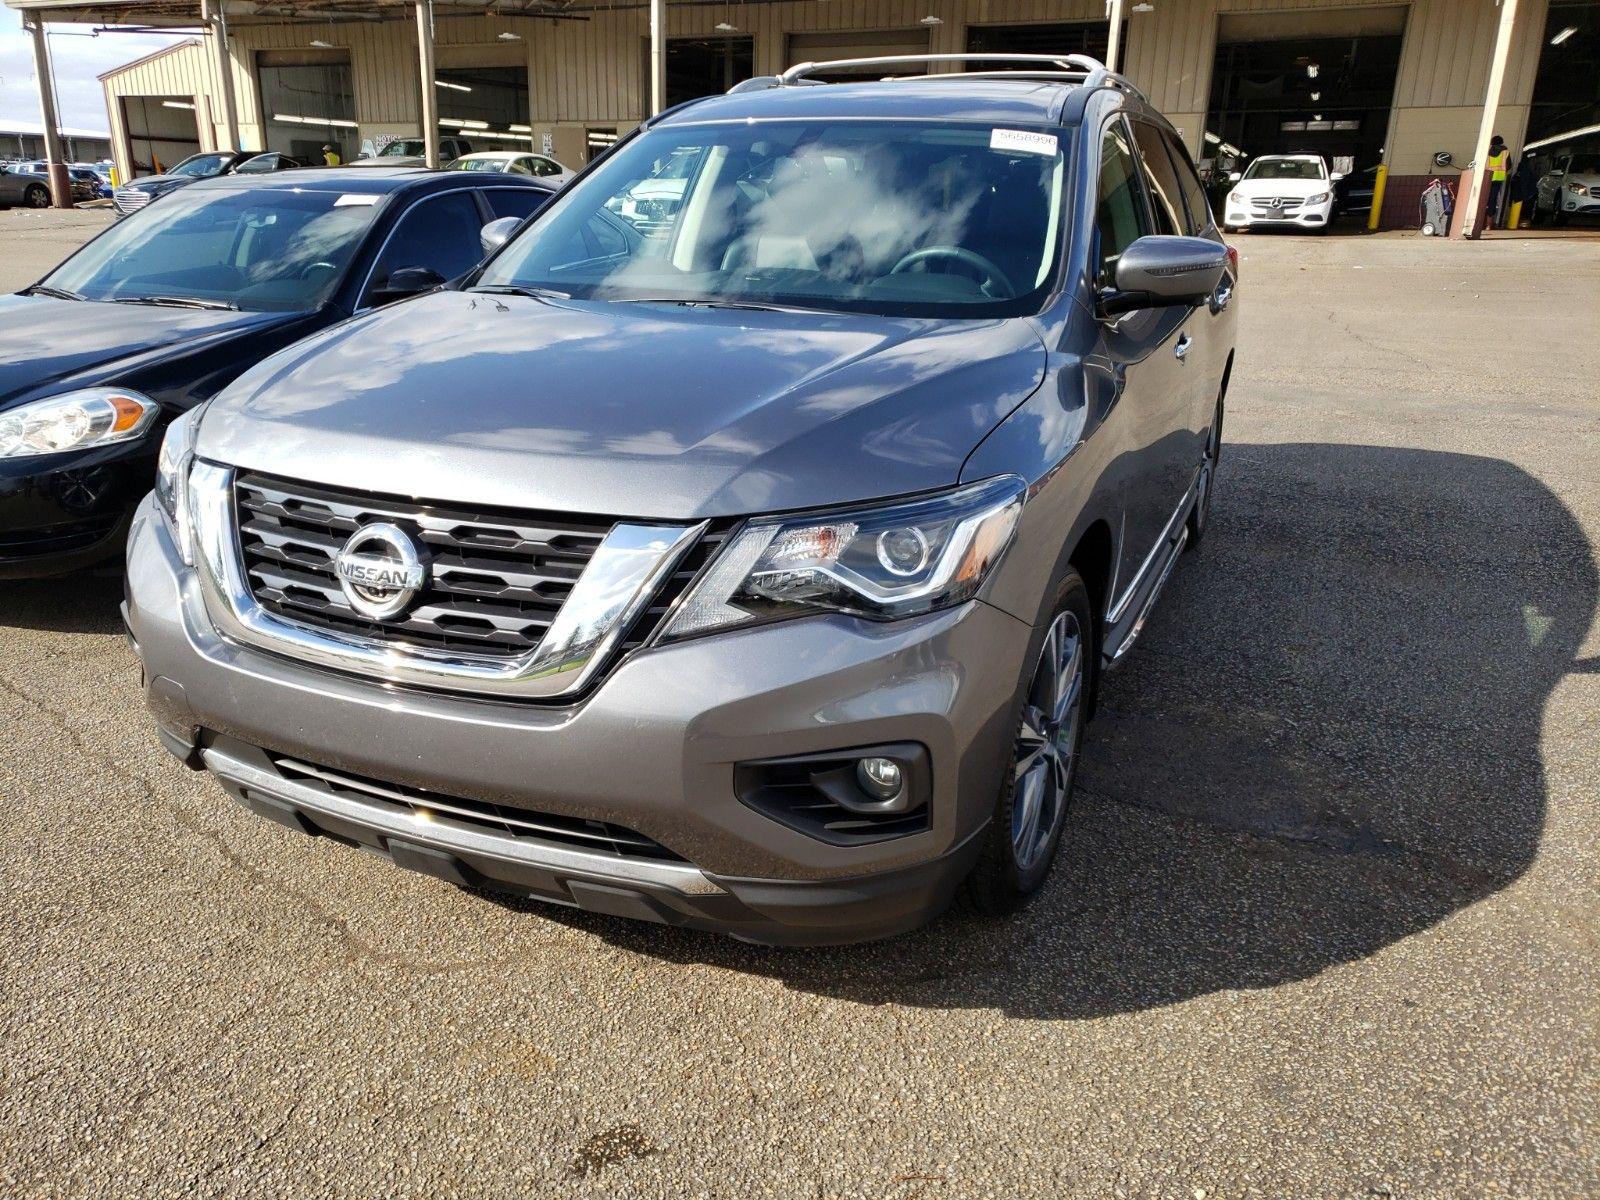 2019 Nissan Pathfinder 3.5. Lot 99917950860 Vin 5N1DR2MN5KC625340